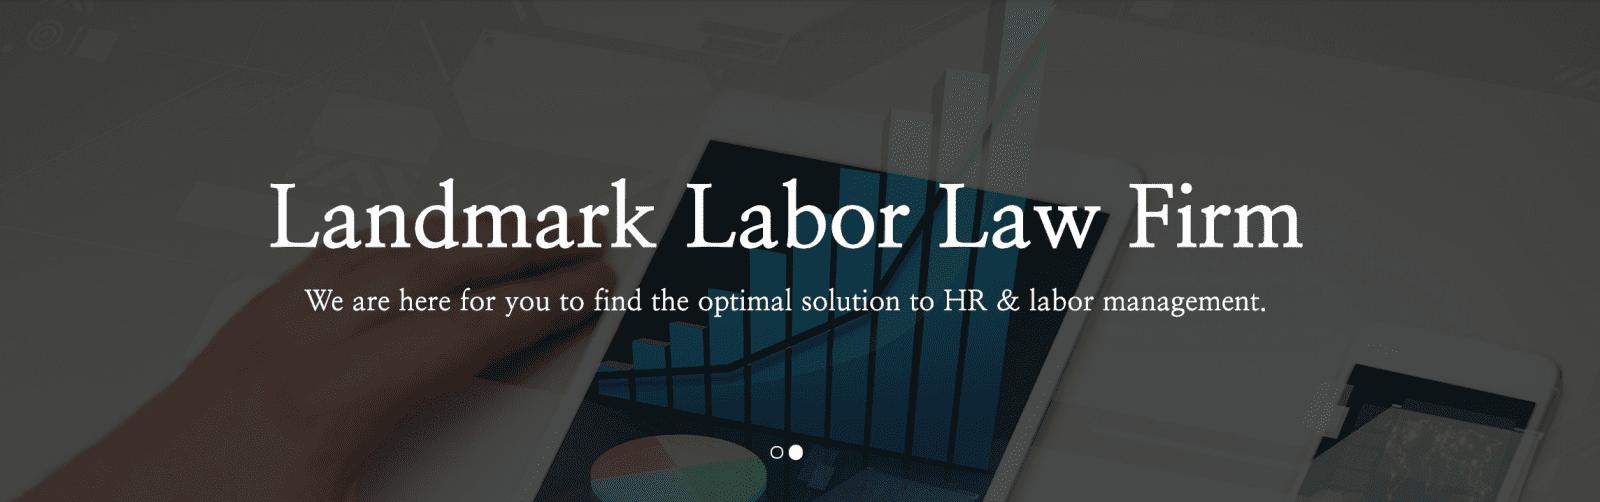 Landmark Labor Law Firm | Gangnam-gu, Seoul